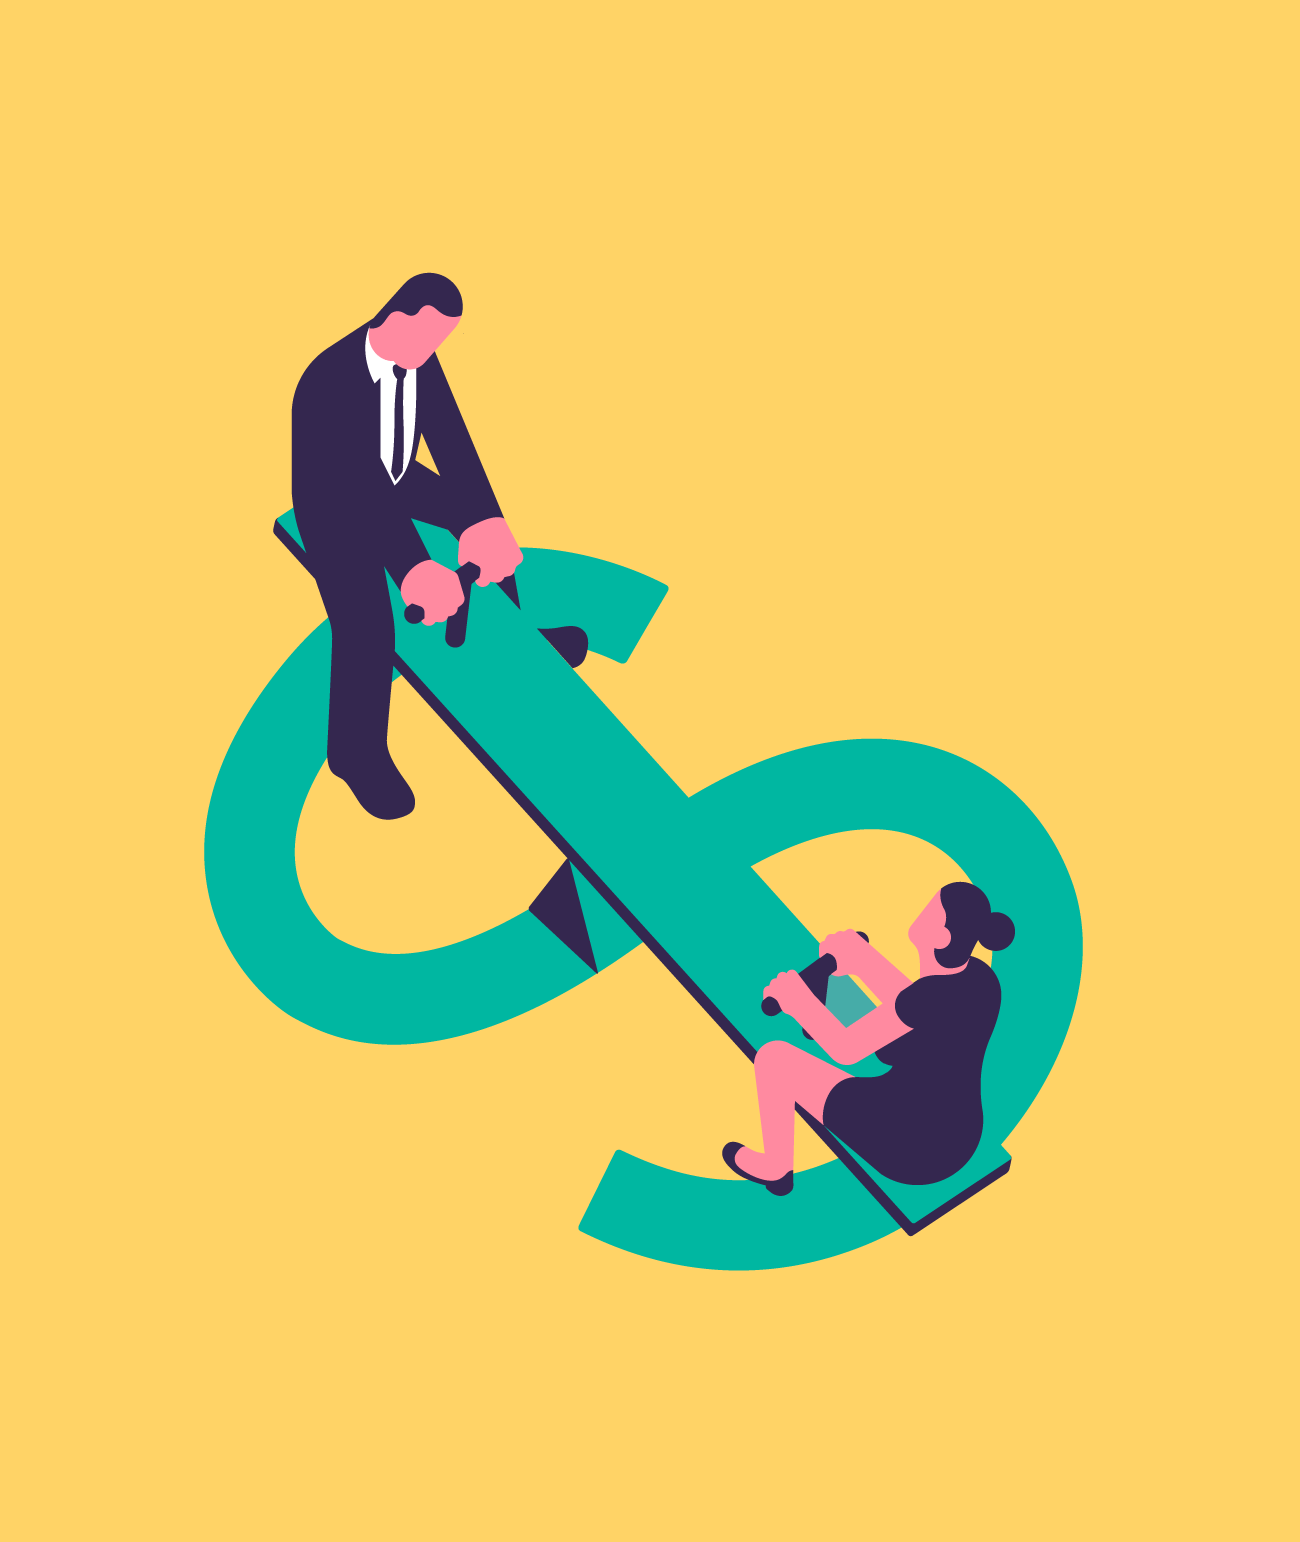 Combler l'écart : les principales tendances concernant les femmes au travail en 2020